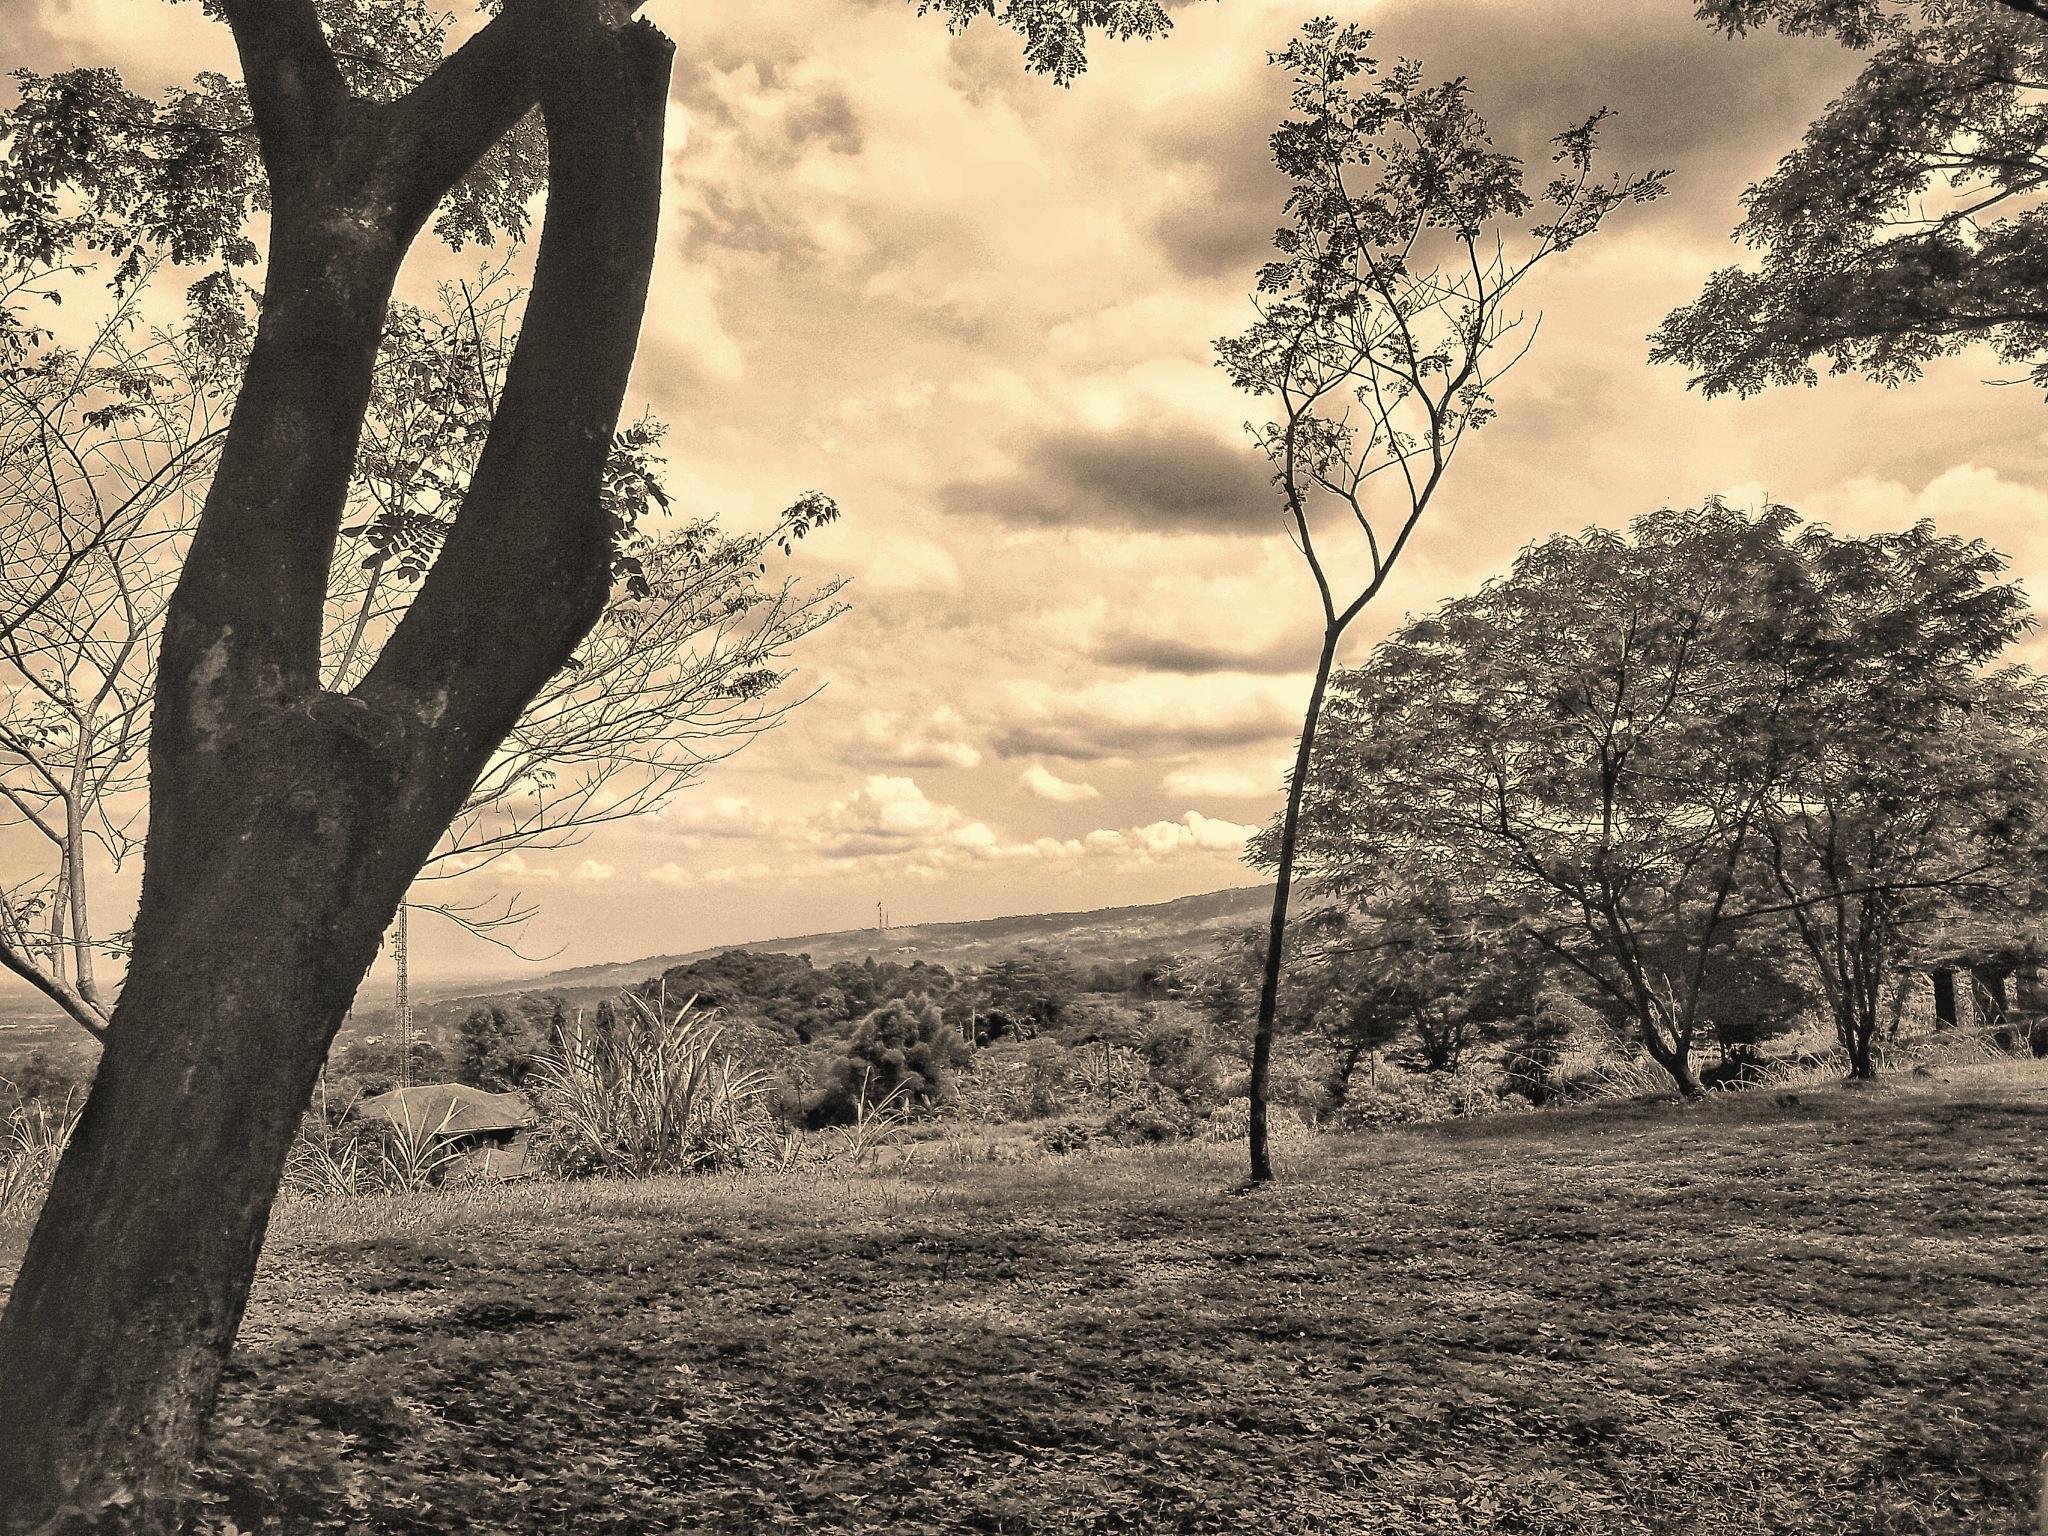 Untitled by Mutiara